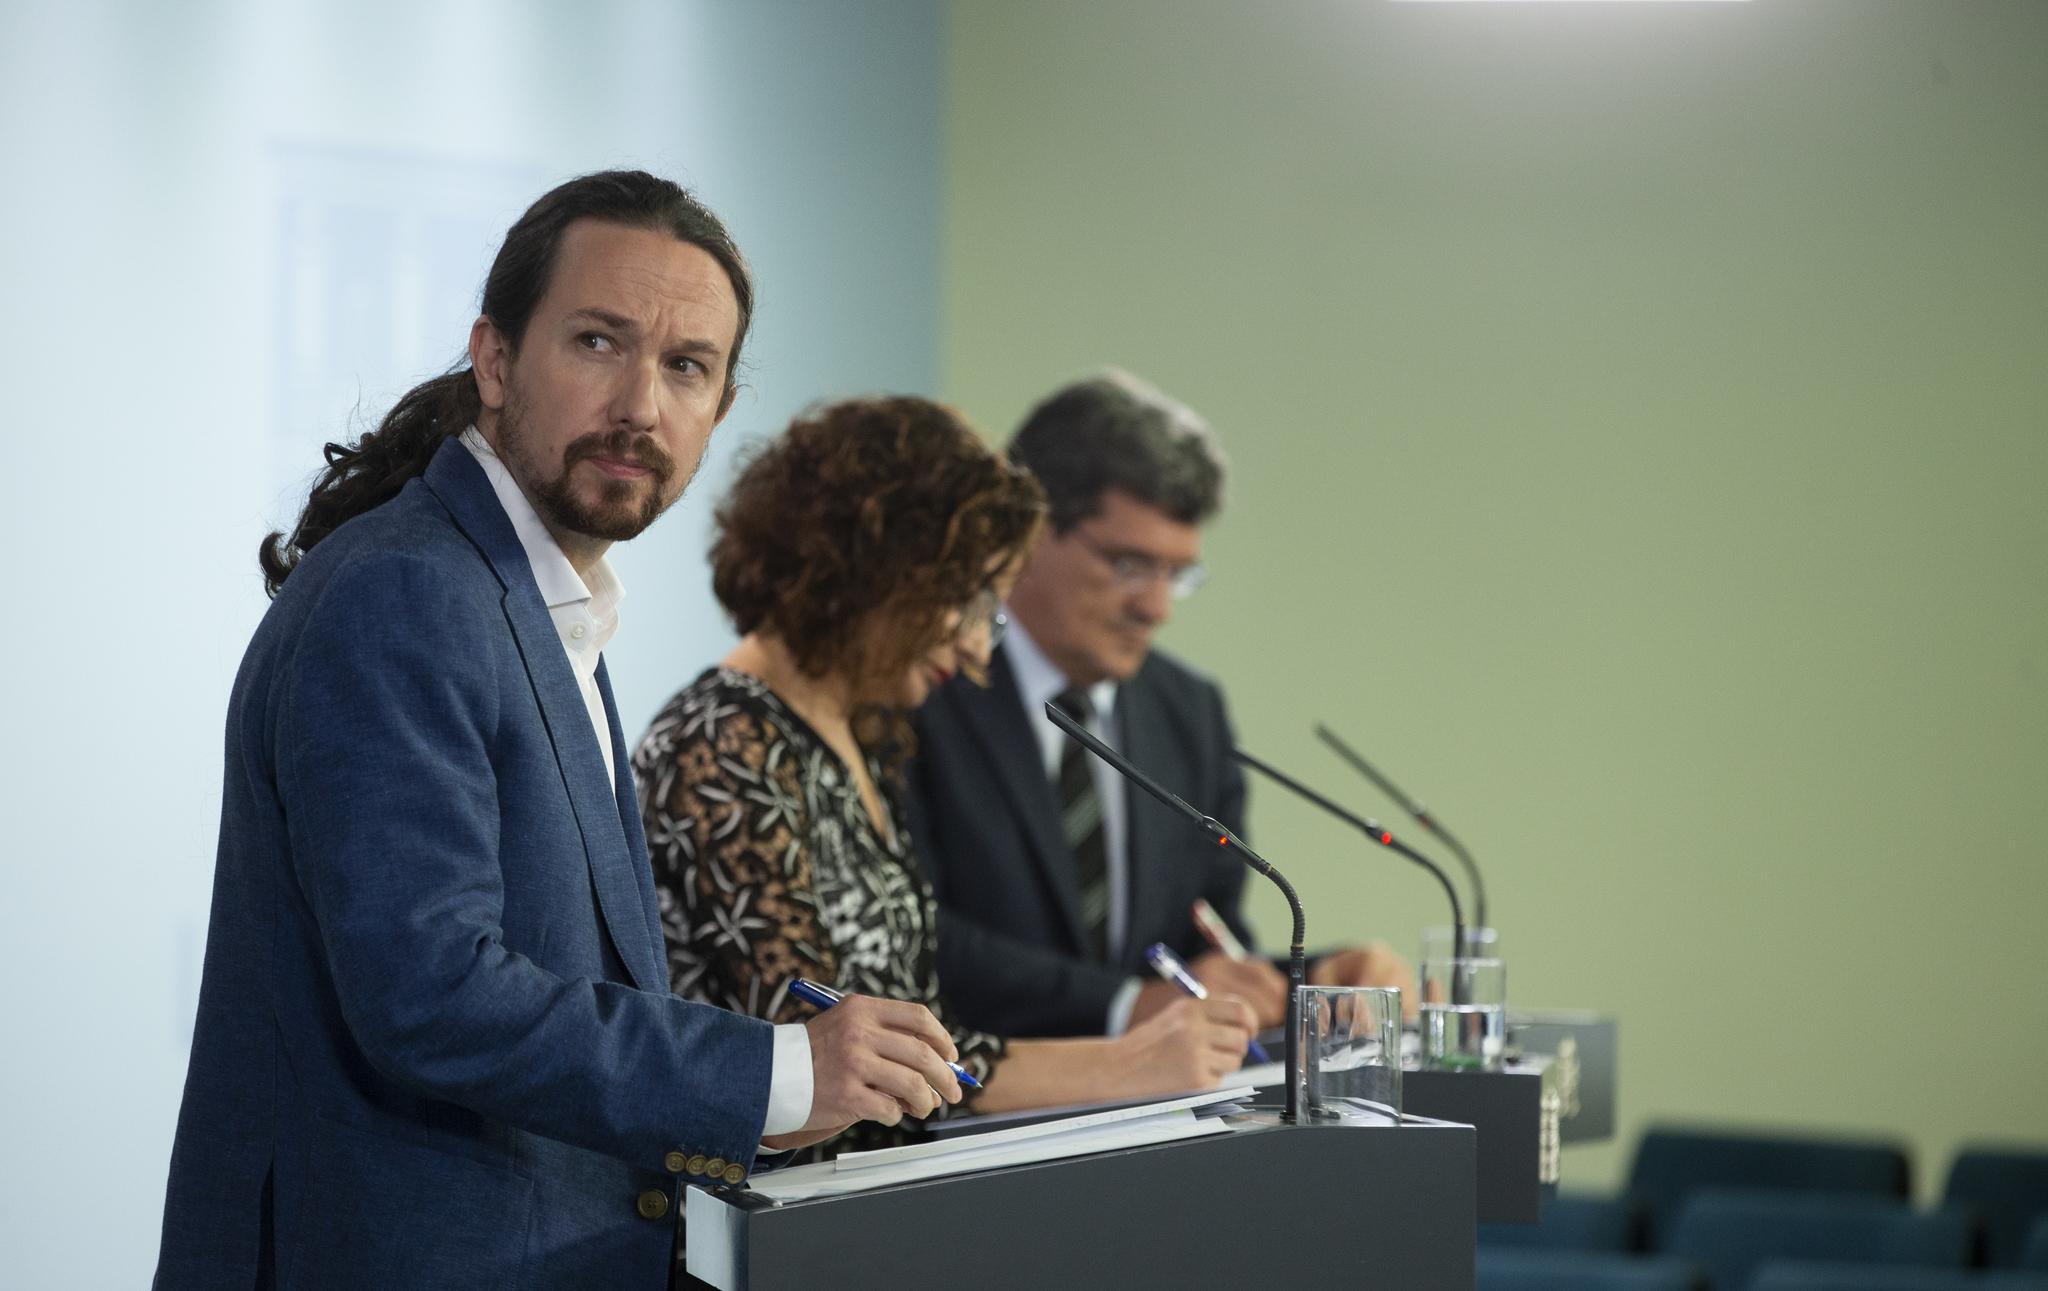 Rueda de prensa posterior al Consejo de Ministros para informar de la aprobacion de ingreso minimo vital. Pablo Iglesias, Maria Jesus Montero y Jose Luis Escriva.